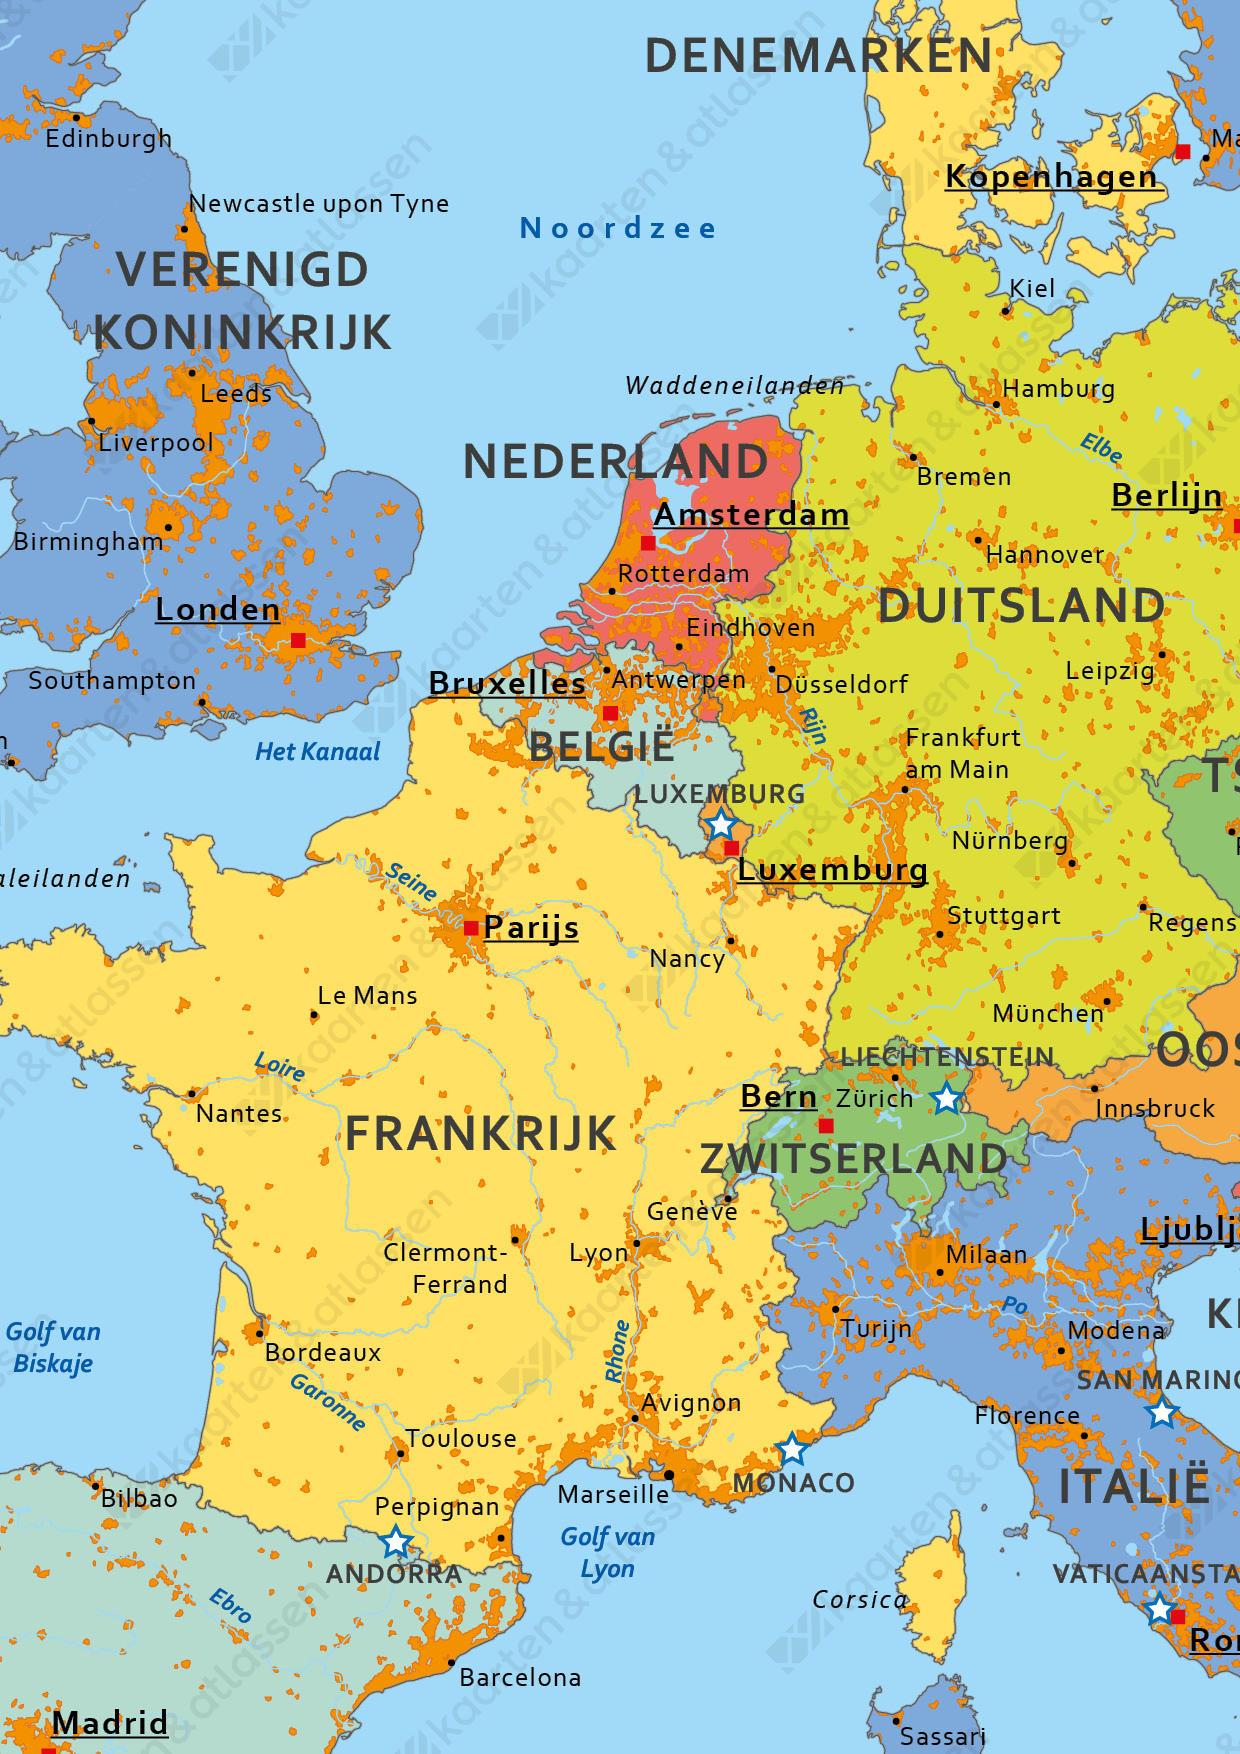 Schoolkaart Europa met vlaggen